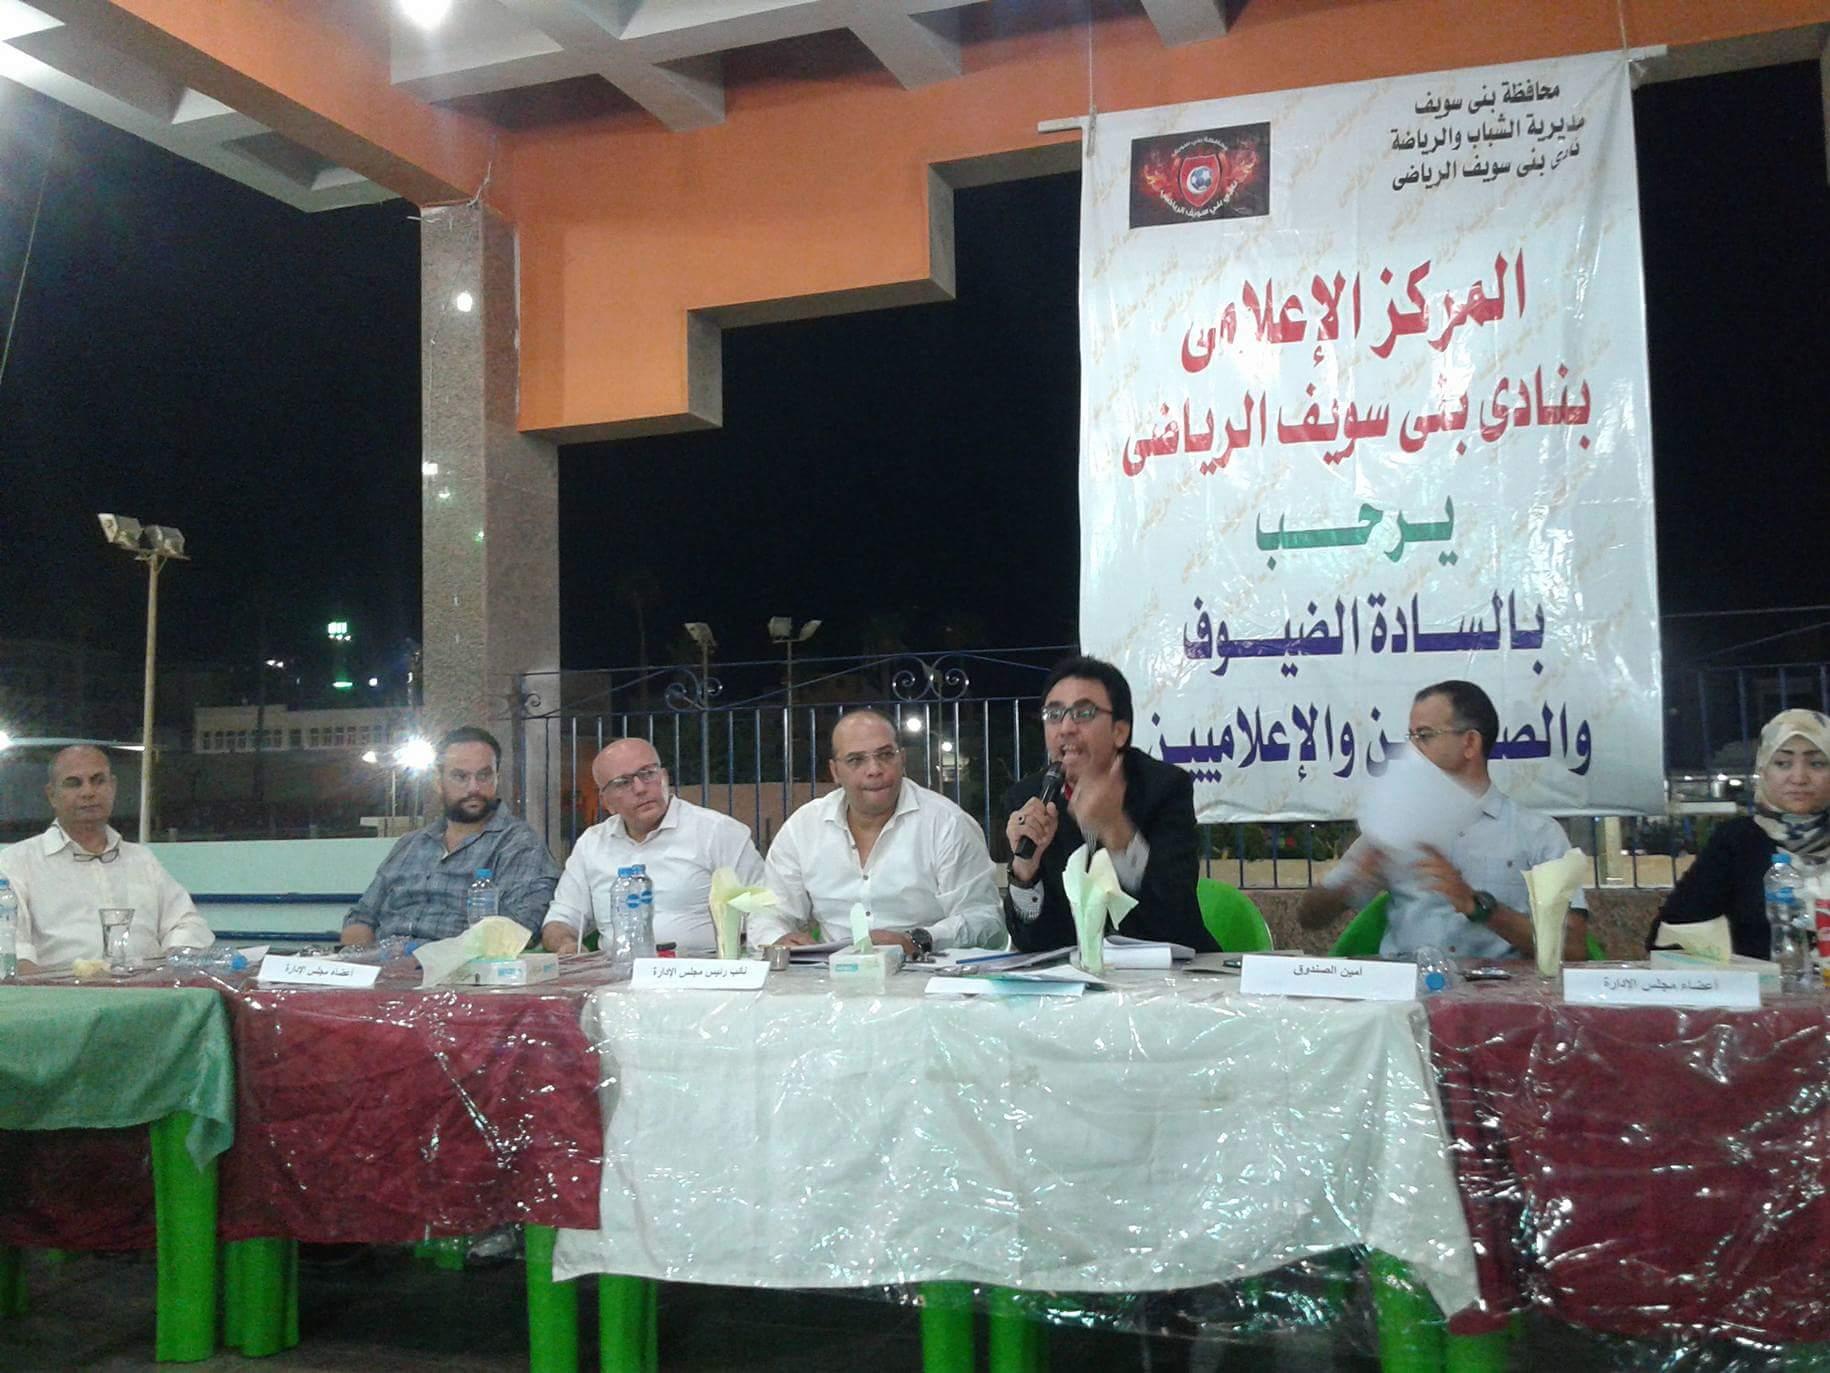 اخبار الرياضة – رئيس نادى بنى سويف: لم نستدع للتحقيق ولجنة التفتيش تجاوزت اختصاصها